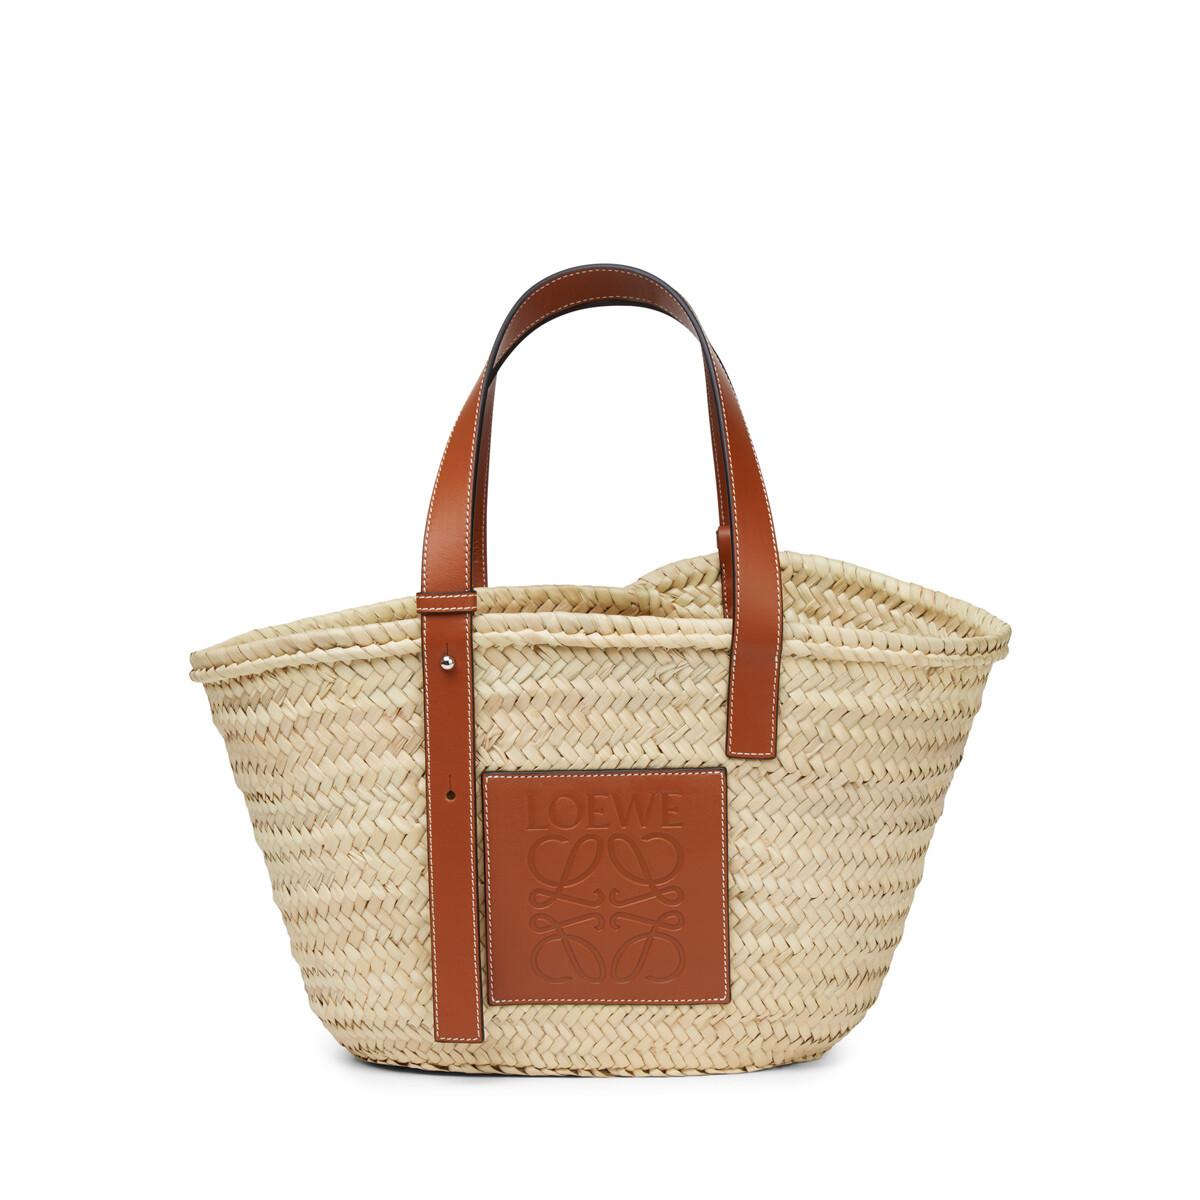 LOEWE Basket Bag Natural/Tan front